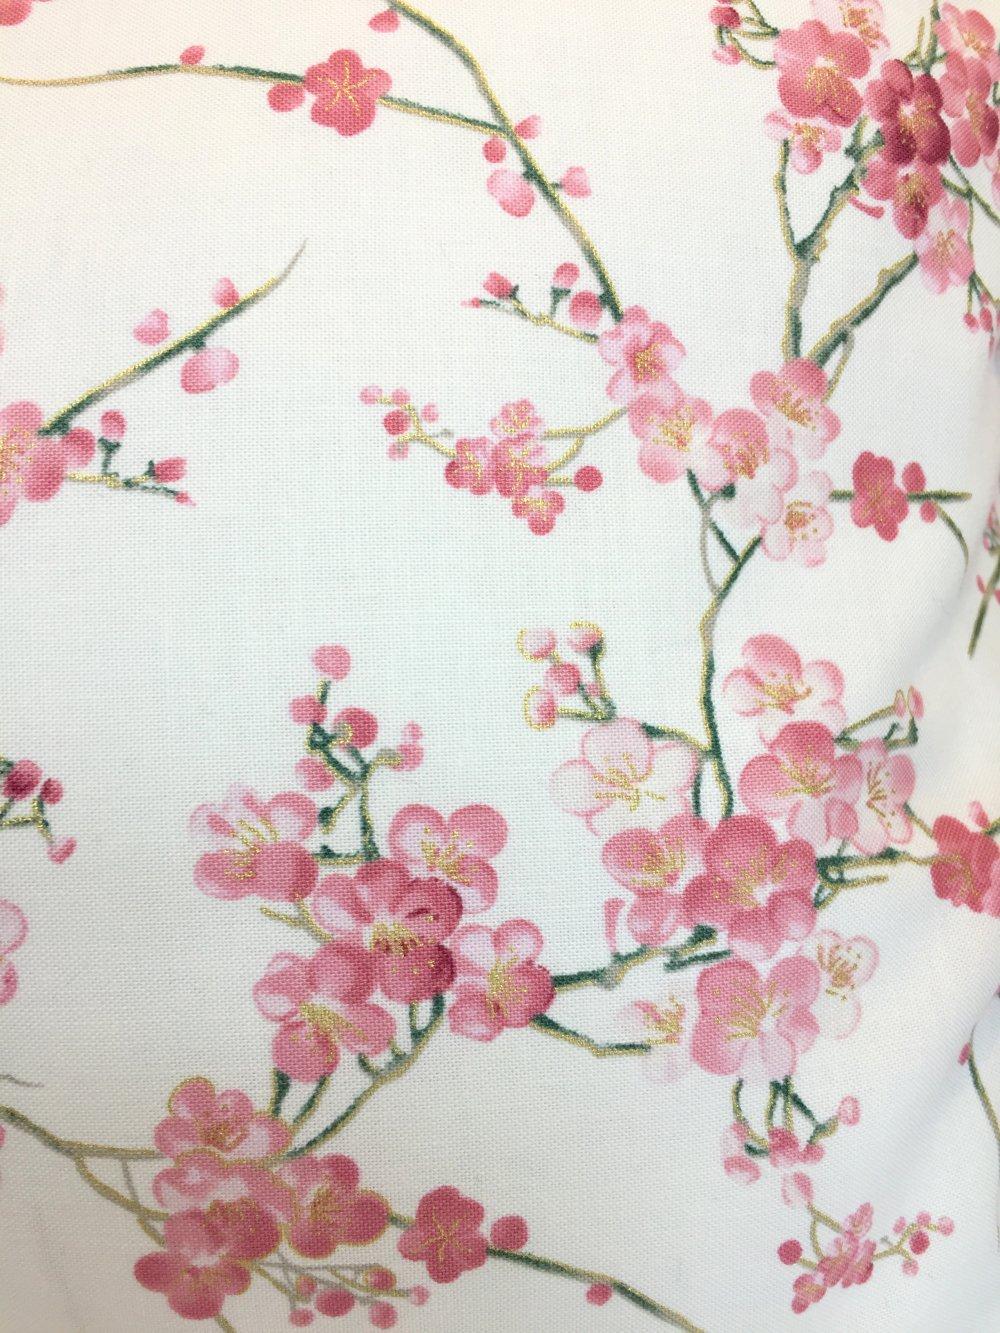 Housse de coussin, tissus japonais, jardins japonais, fleurs de cerisiers, Sakura, rose et écru, rectangulaire 30 x 50 cm